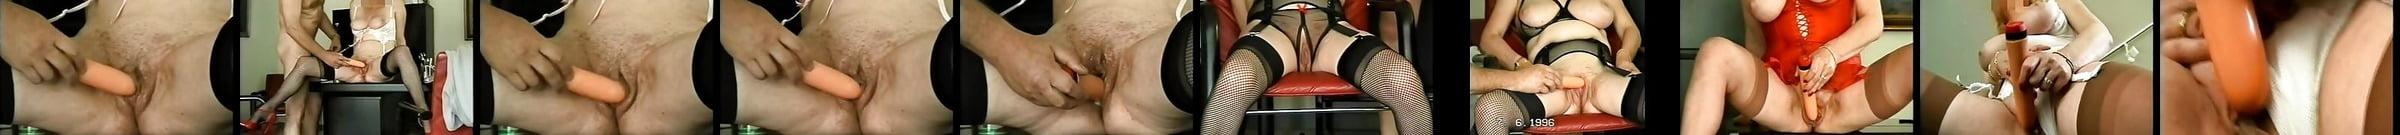 Schamlippenmassage